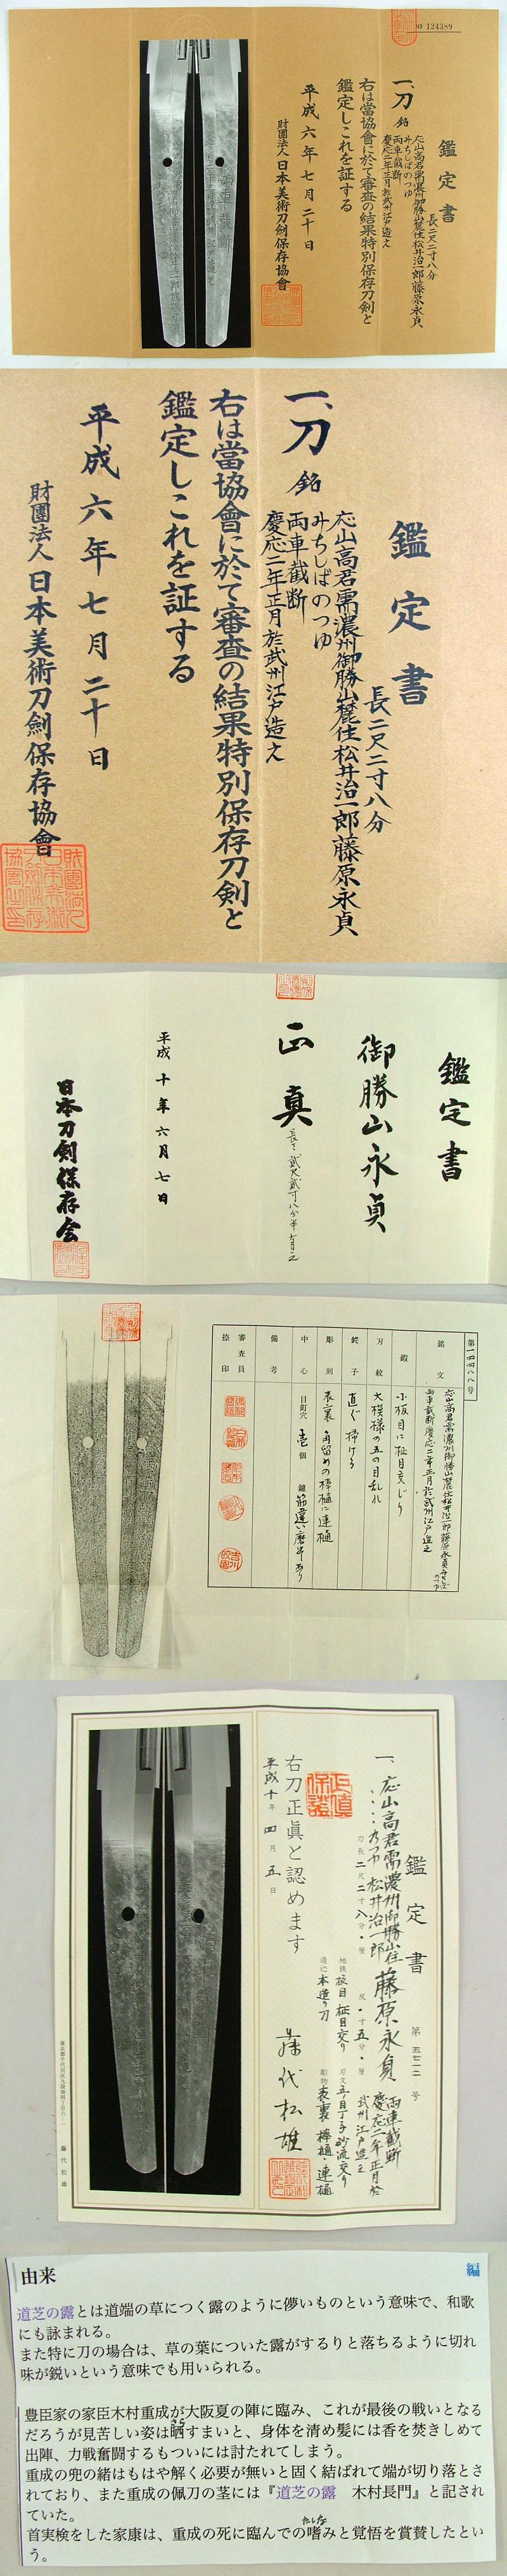 応山高君需 濃州御勝山麓住松井治1郎藤原永貞 みちしばのつゆ Picture of Certificate